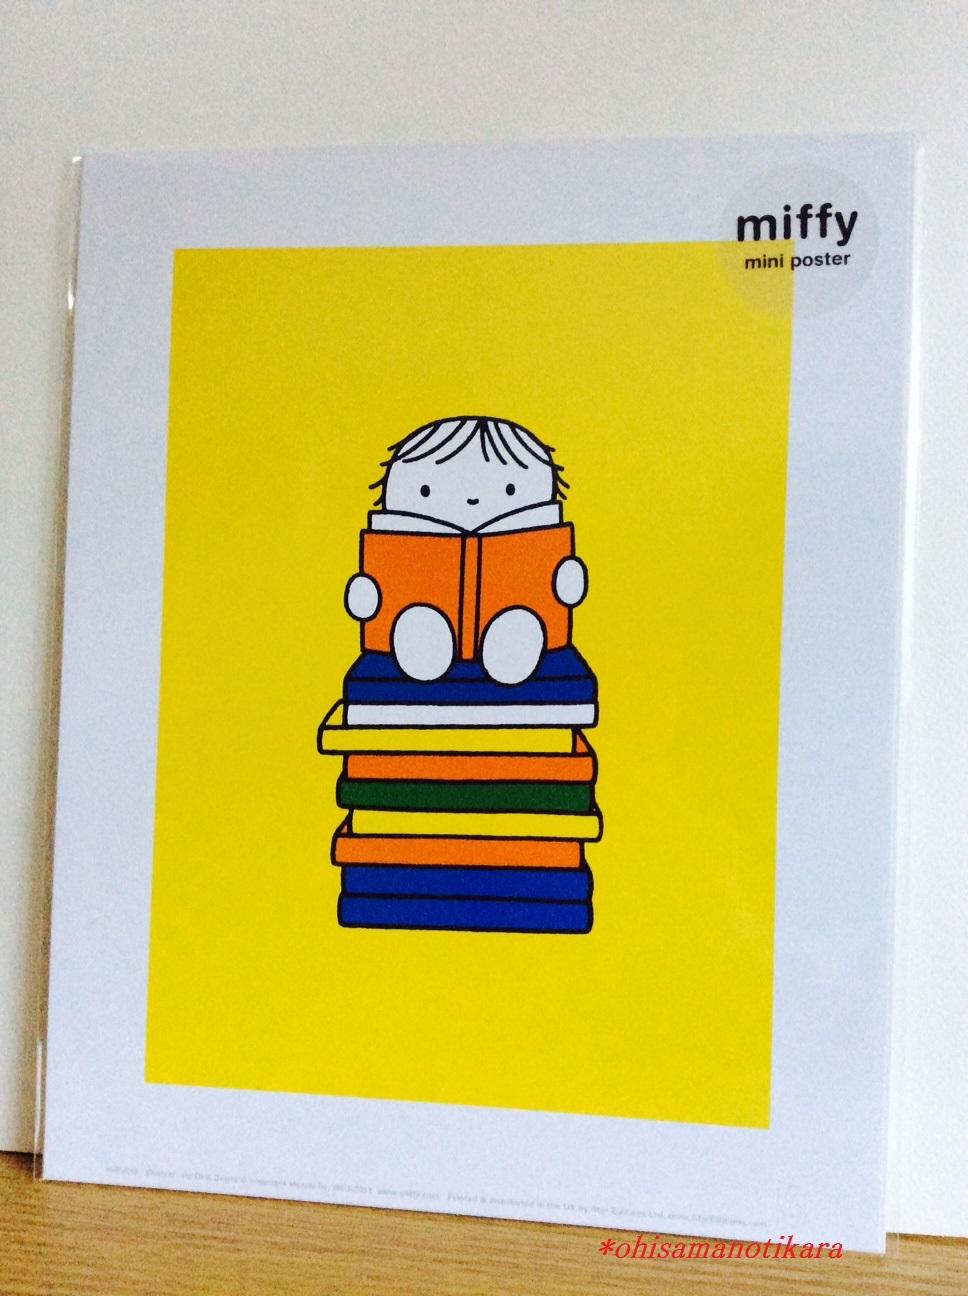 ディック・ブルーナ(1927-2017) イラスト<br />ミニポスター 新品 1枚<br /><br />本の上に座って読書するミッフィーのおともだち/Reading Books Miffy's friend<br />イギリス製、オフセット印刷、Printed in UK <br />Illustration Dick Bruna